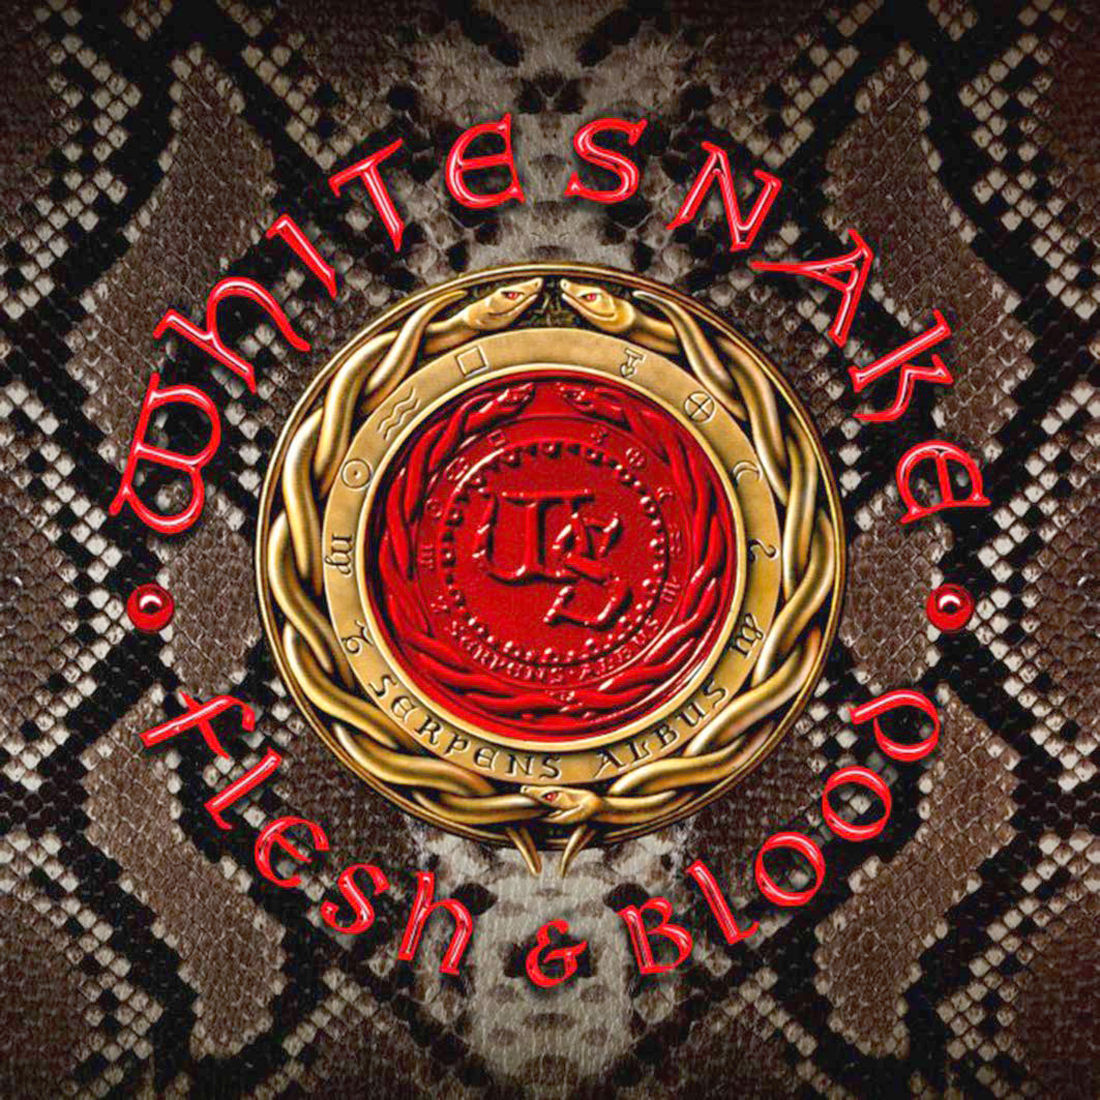 Music review: Whitesnake - 'Flesh & Blood'